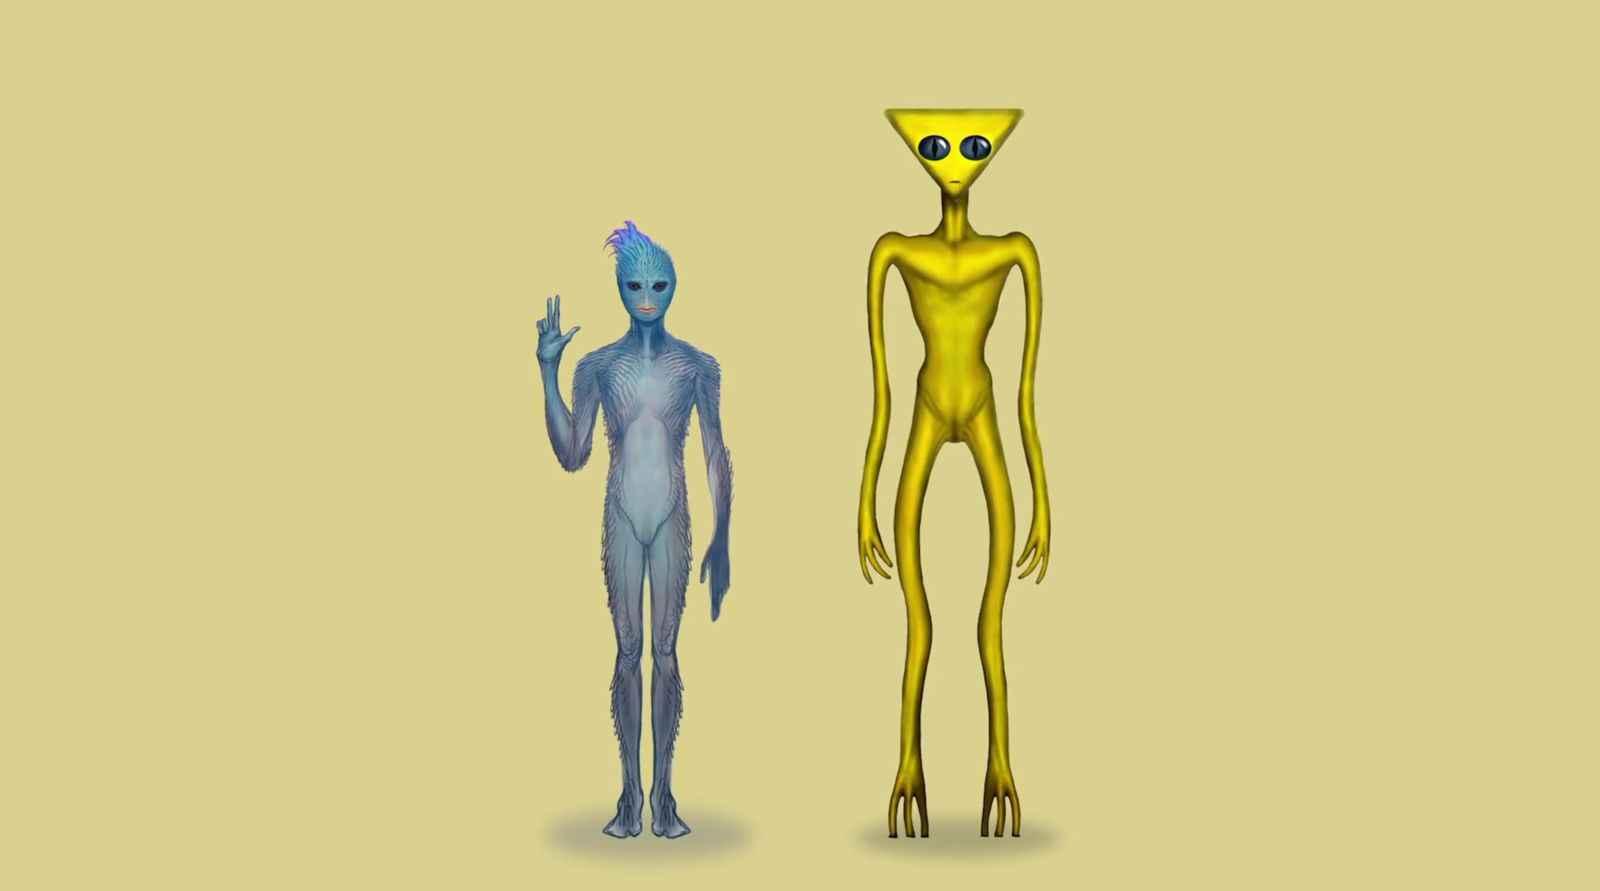 8_teir_eir_and_golden_triangle_head